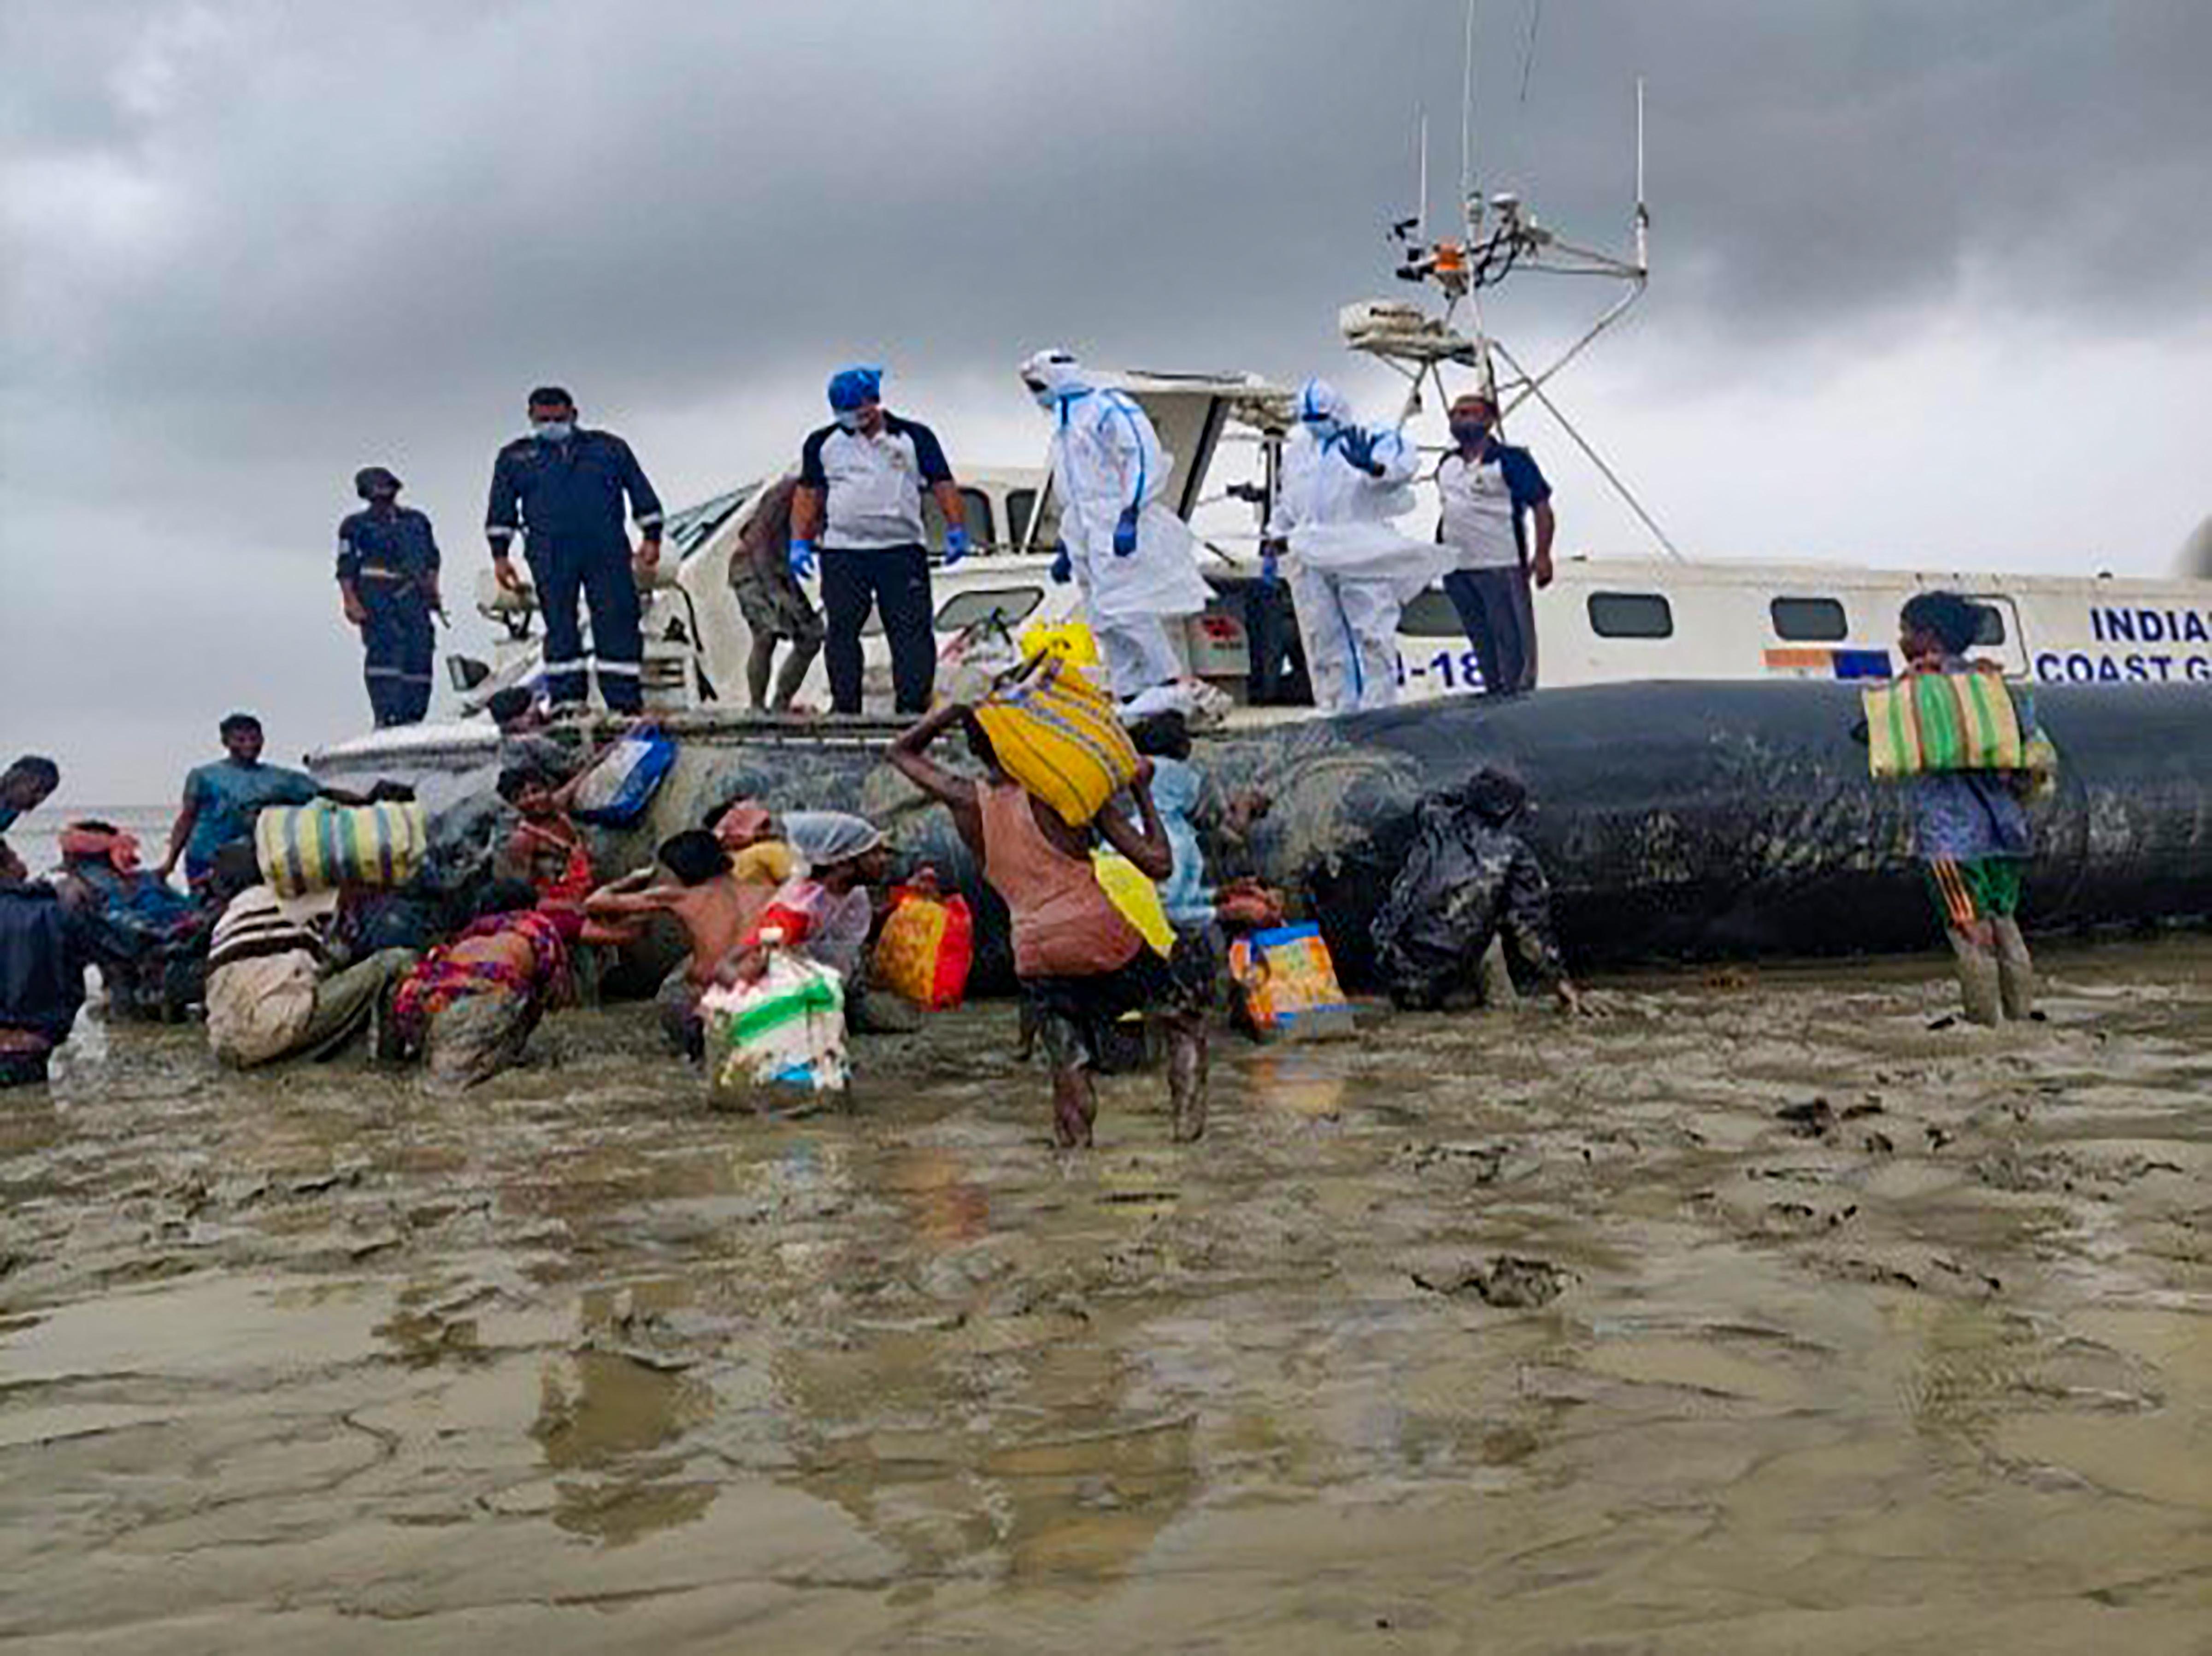 समुद्री तूफान यास की वजह से ओडिशा में 3 लोगों की मौत हुई है। यहां लोगों की मदद के लिए NDRF की 46 टीमें तैनात की गईं थीं।